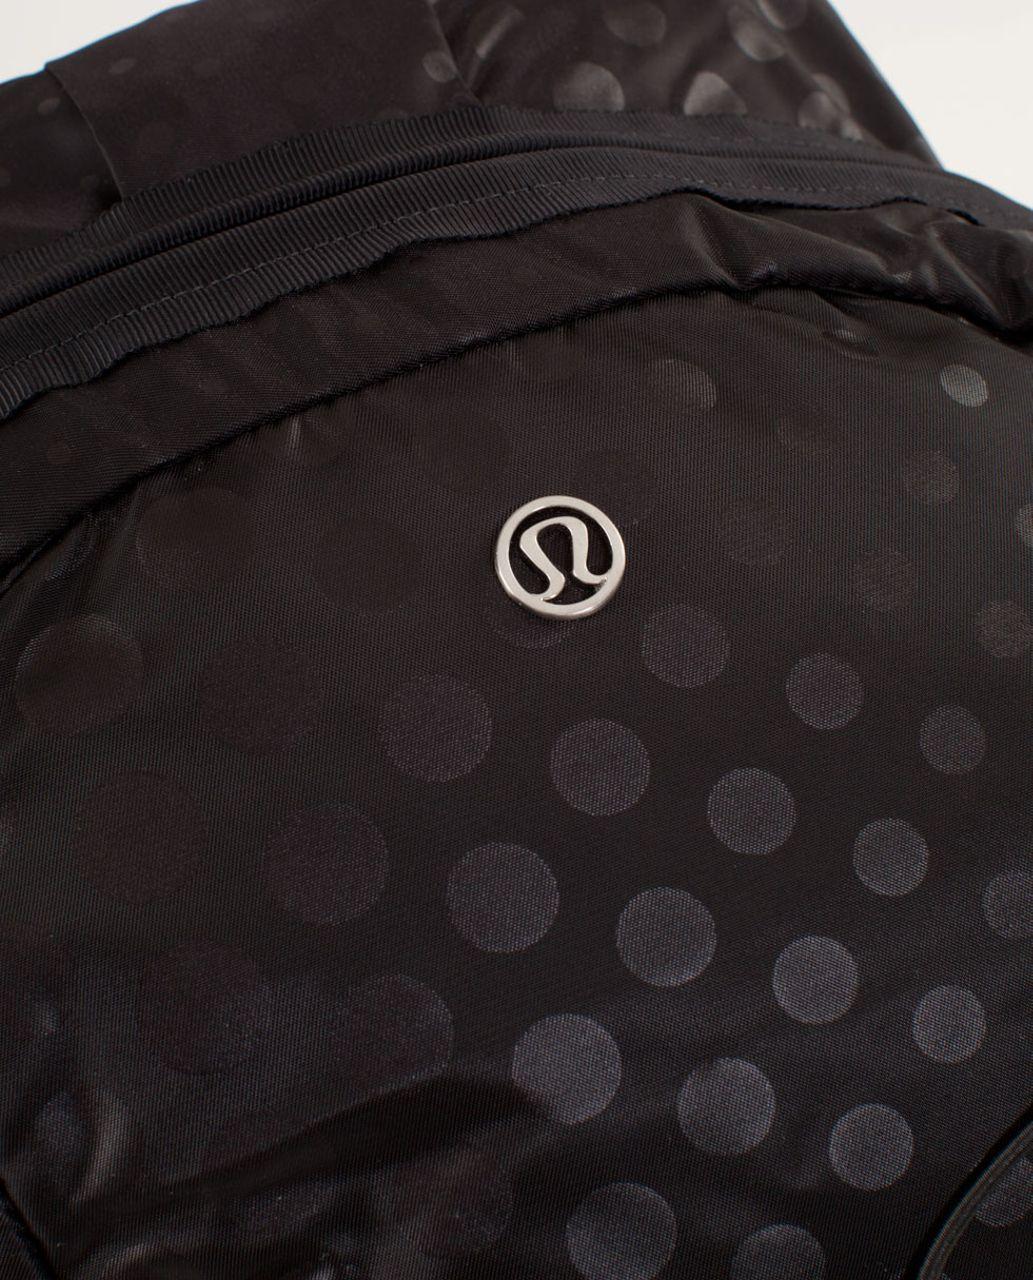 Lululemon Run From Work Backpack - Faded Dot Embossed Black